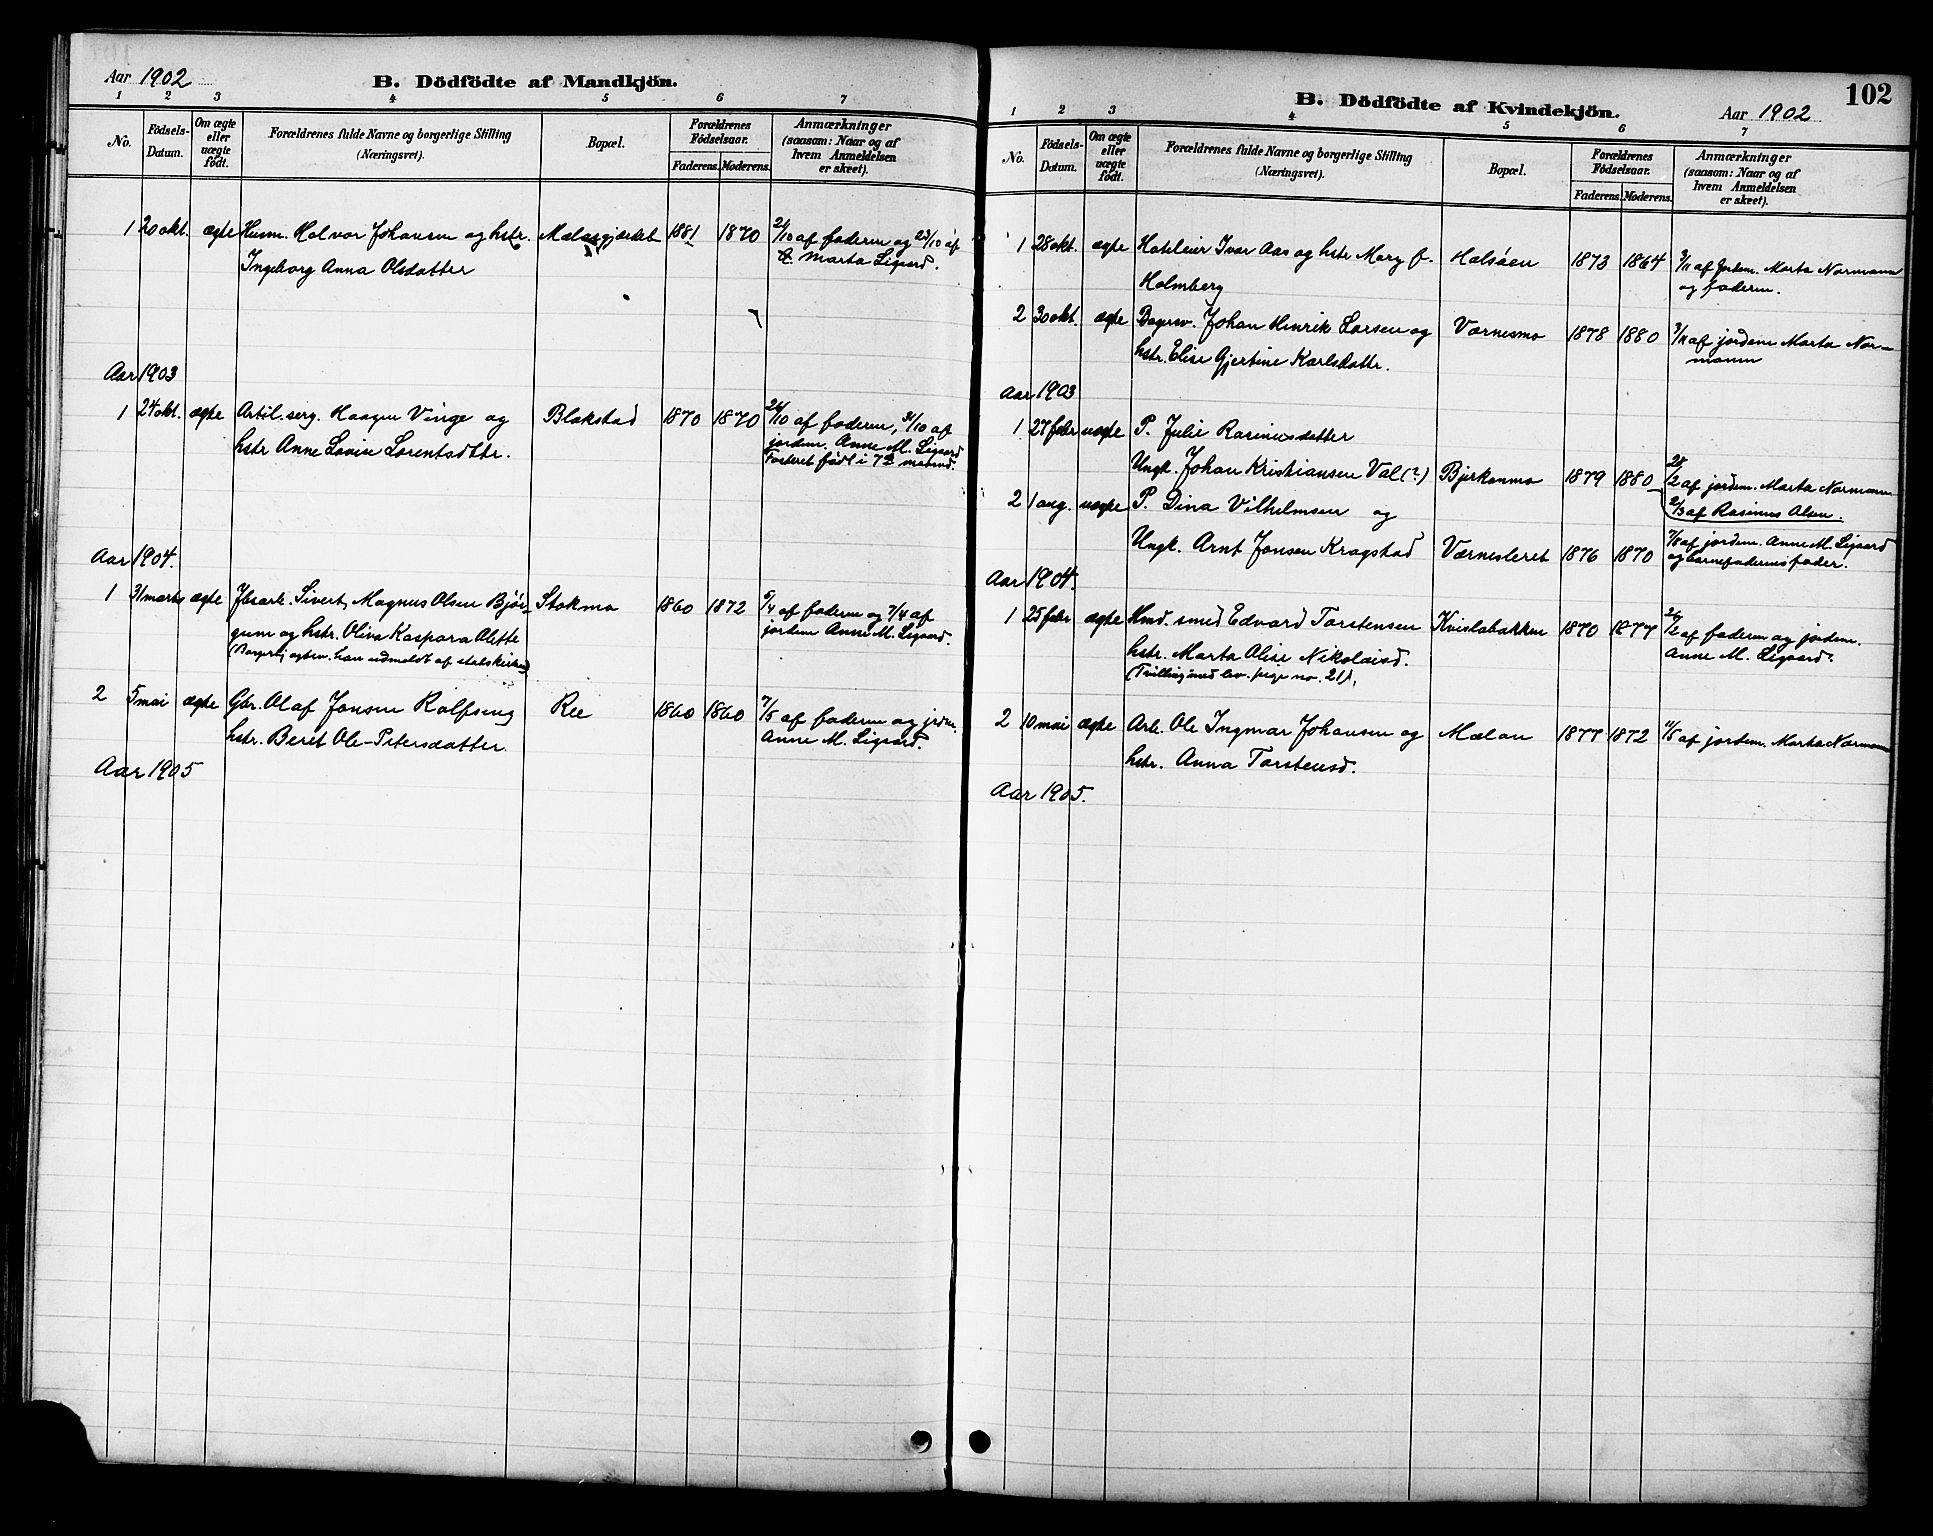 SAT, Ministerialprotokoller, klokkerbøker og fødselsregistre - Nord-Trøndelag, 709/L0087: Klokkerbok nr. 709C01, 1892-1913, s. 102